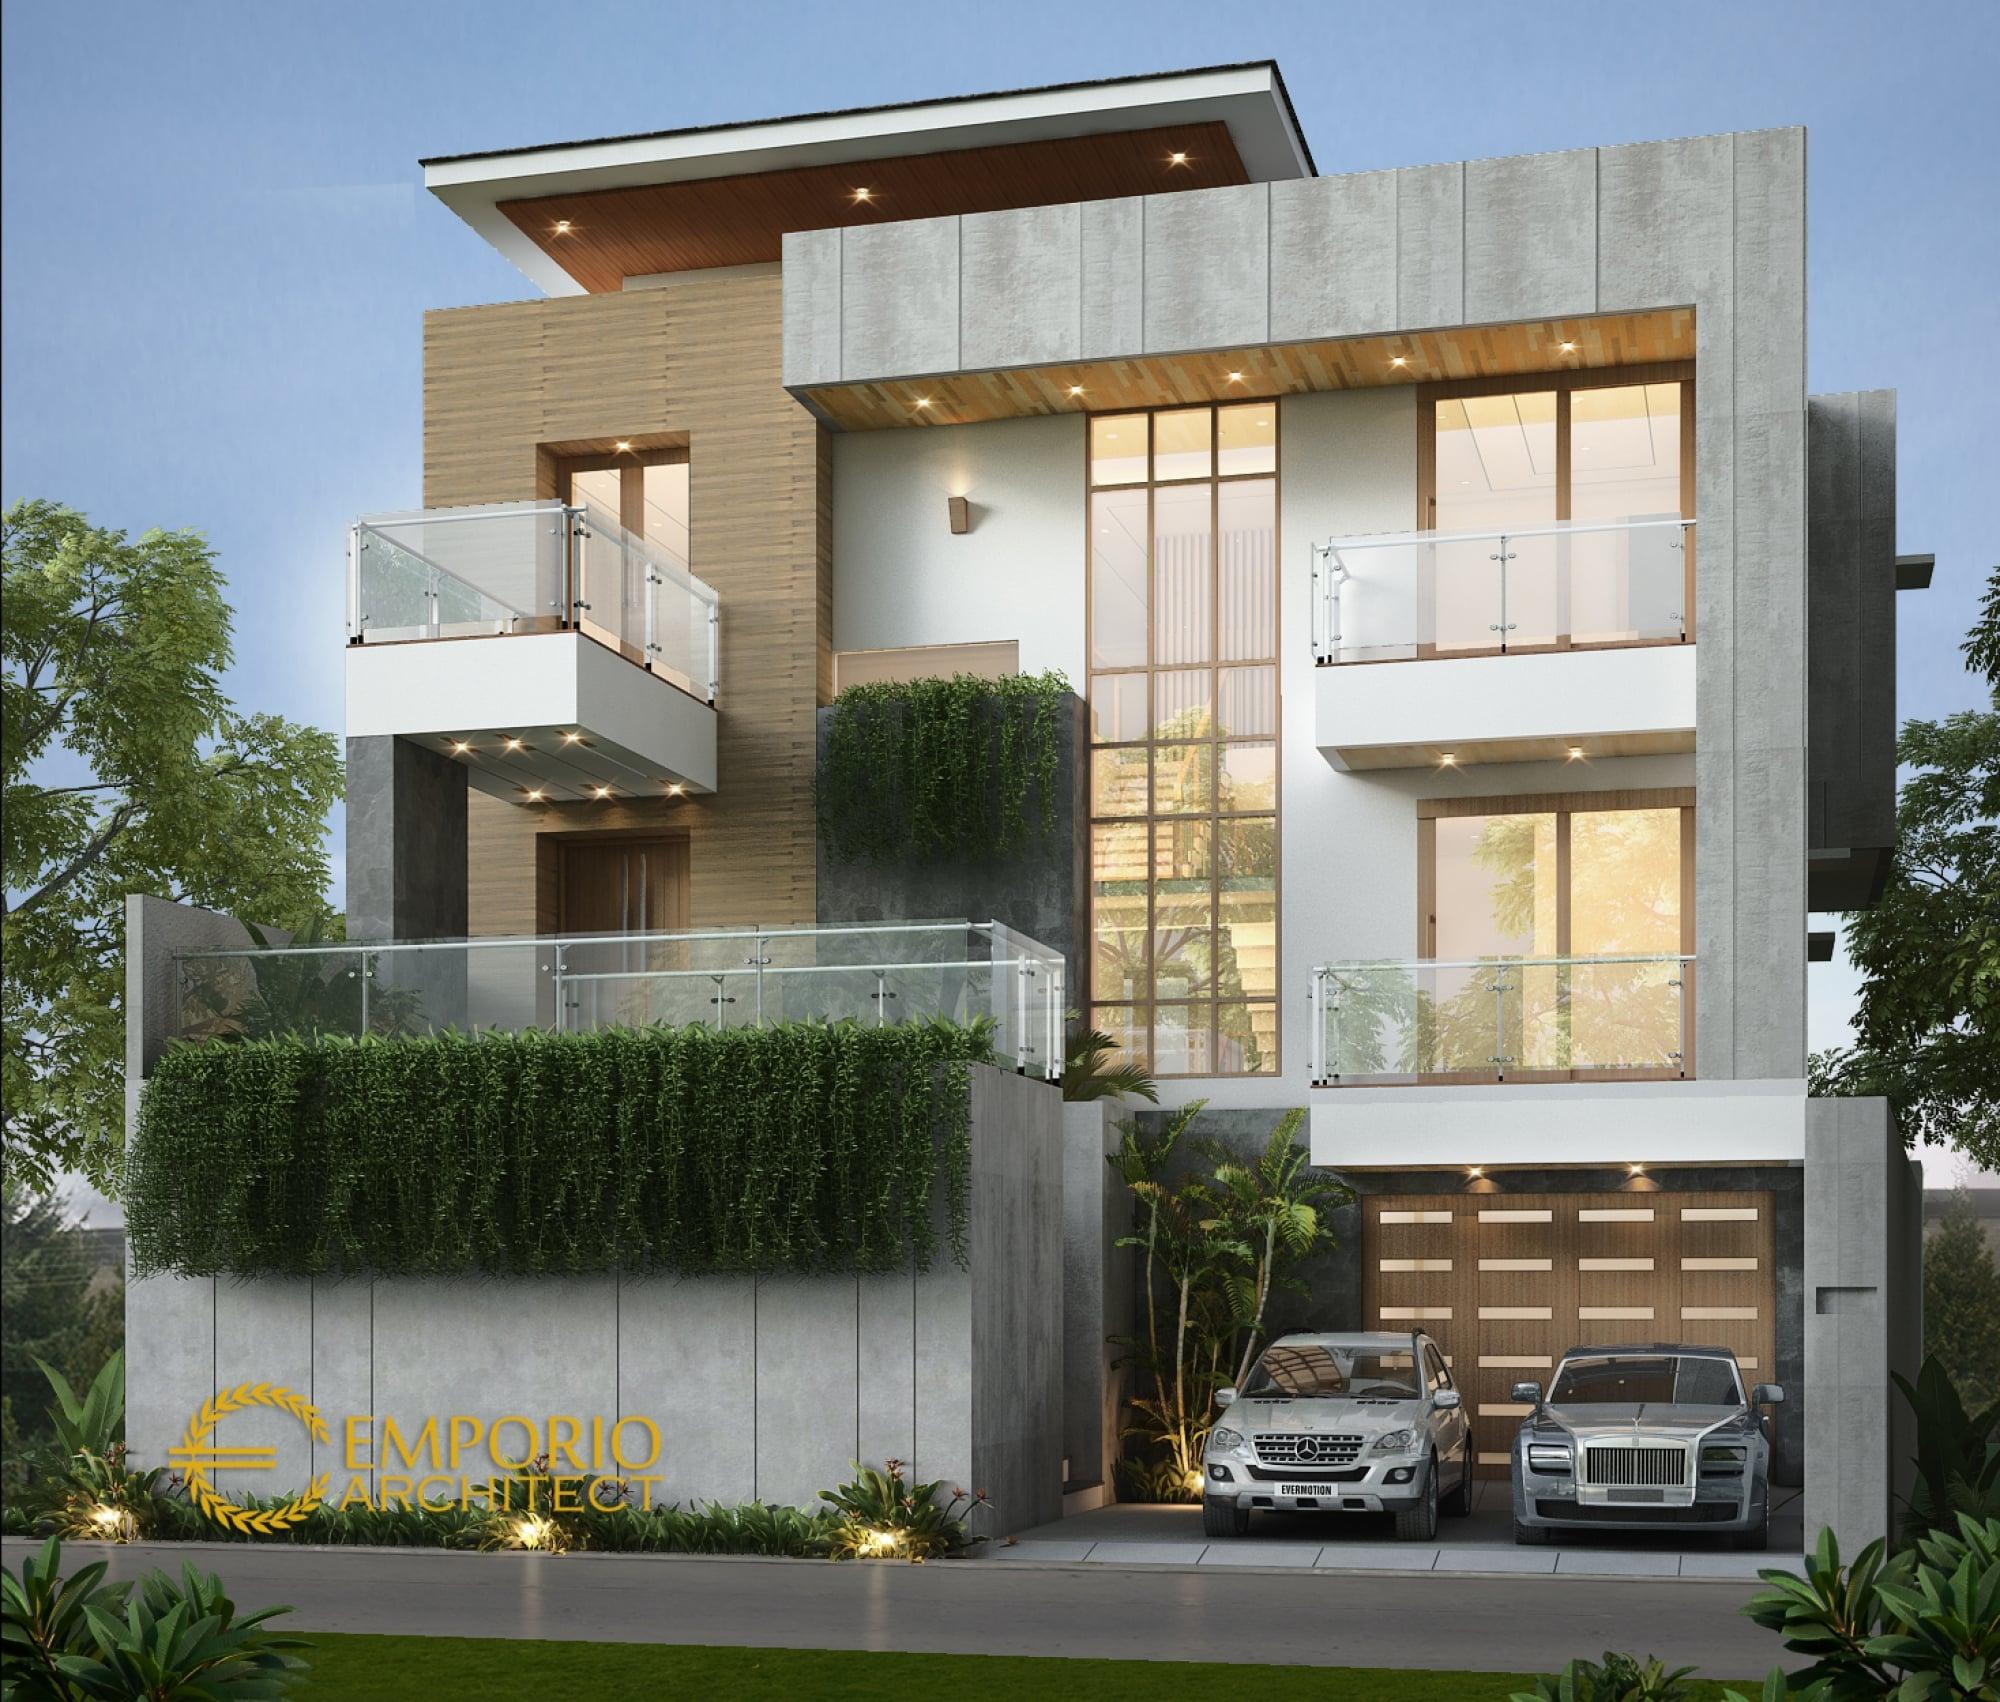 54 Contoh Desain Rumah Kontemporer Kaca Istimewa Banget ...